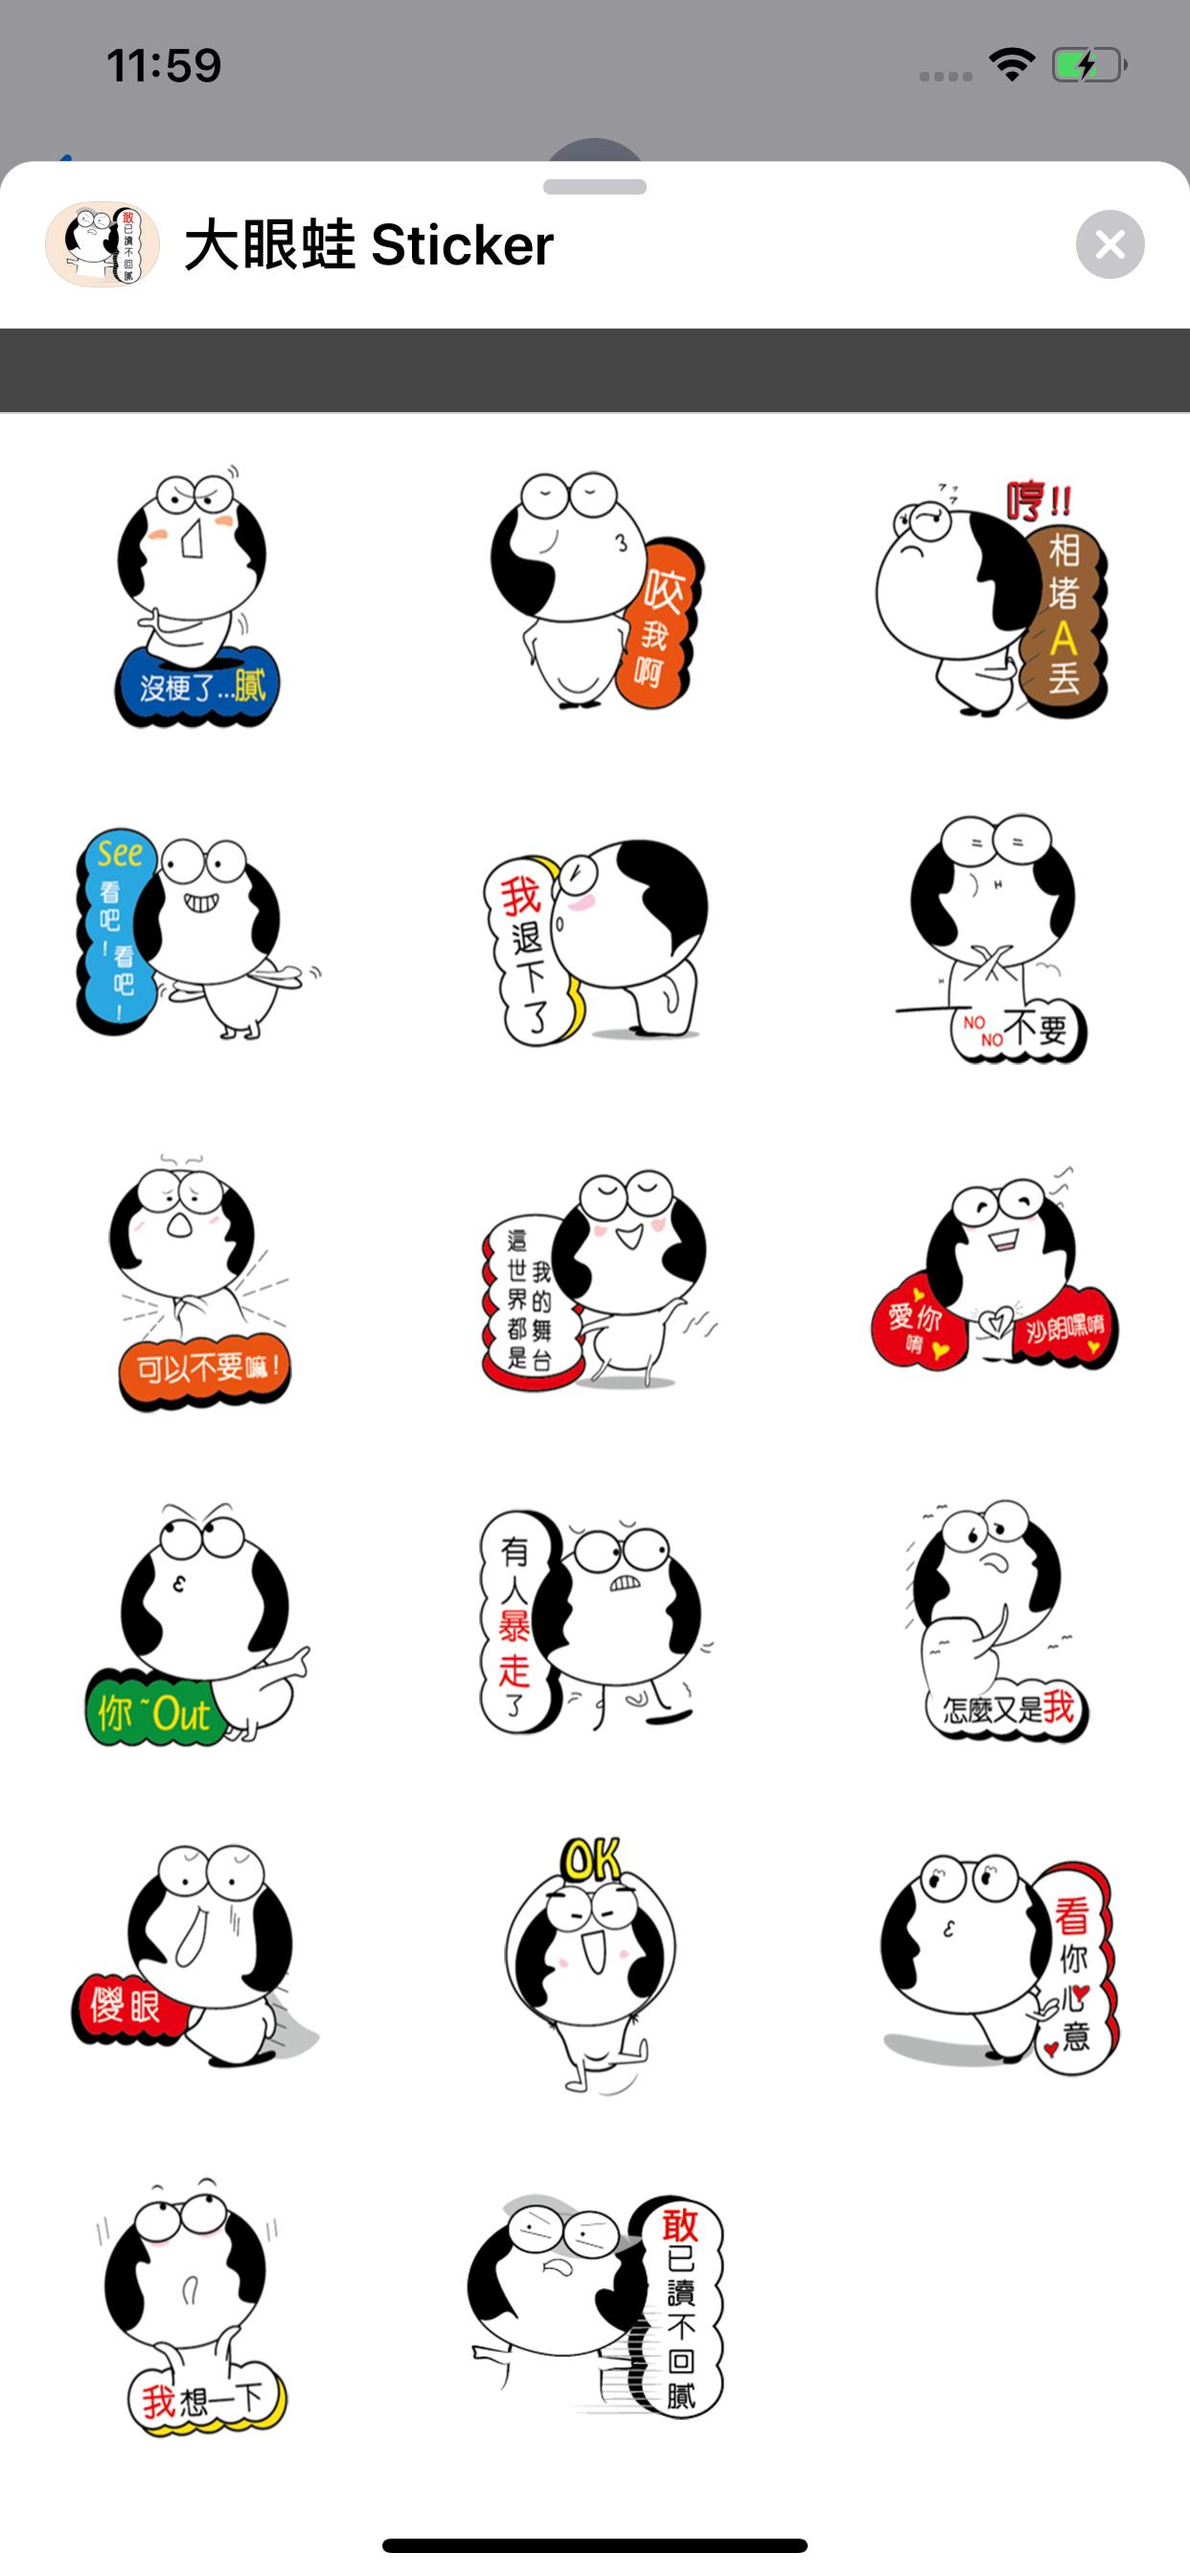 大眼蛙Sticker